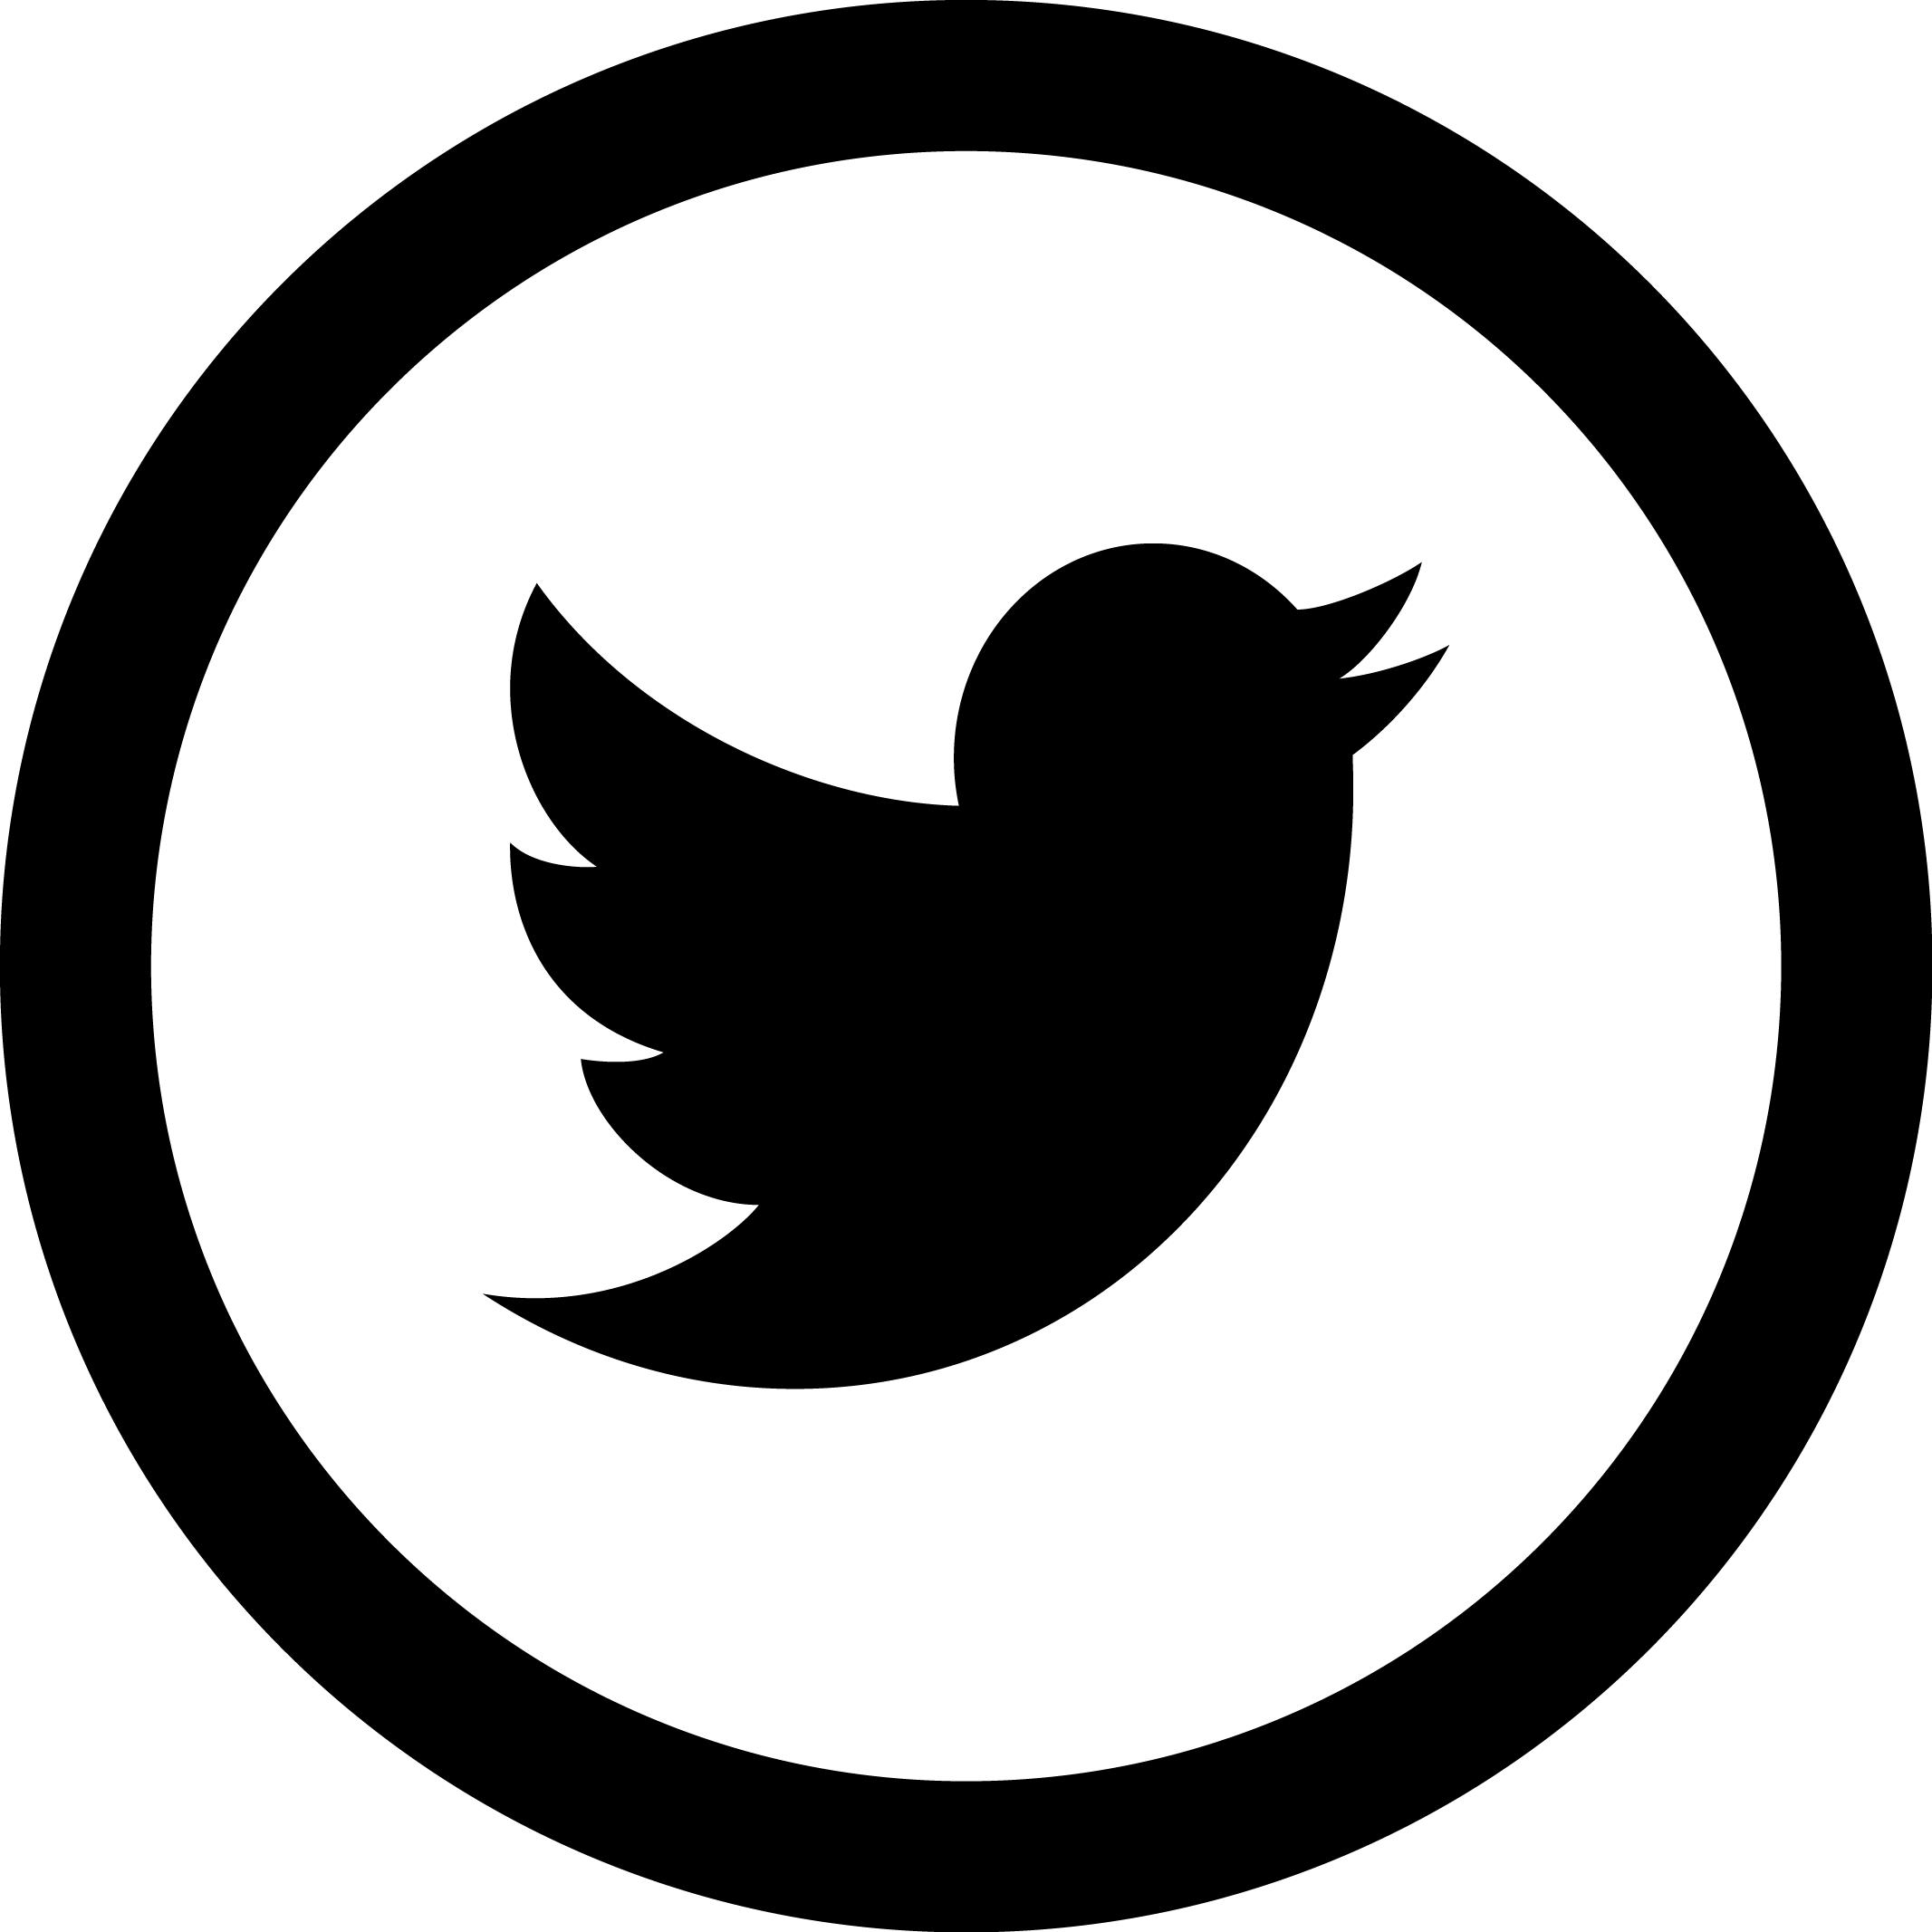 Logotip Twitter